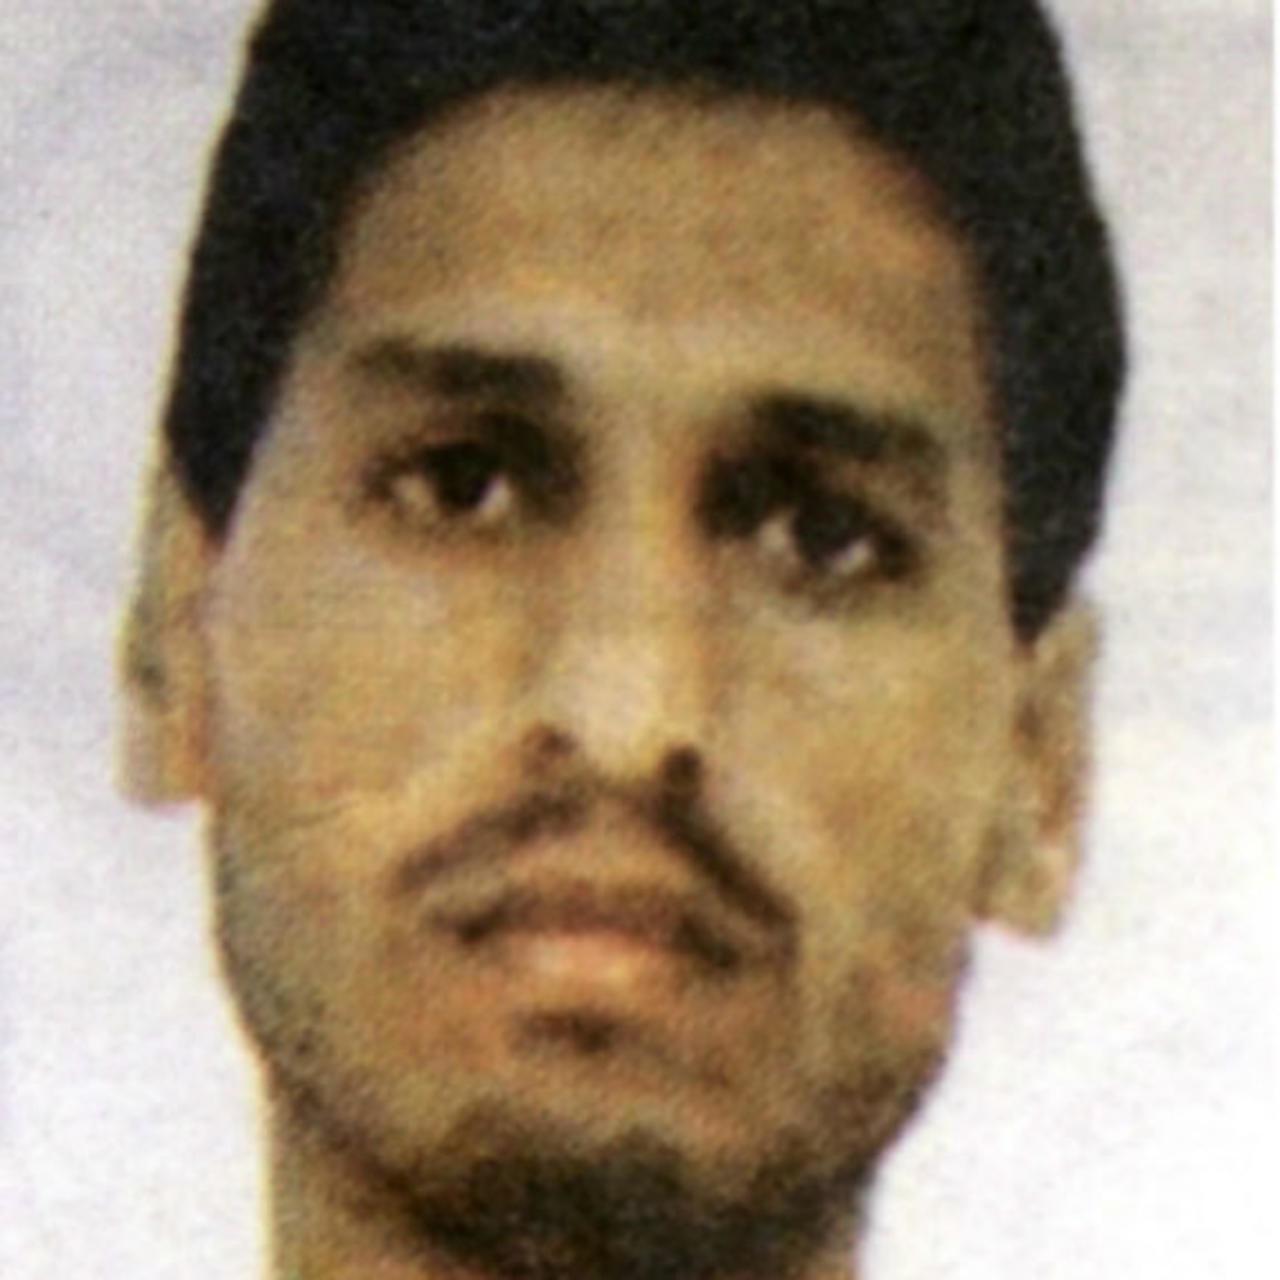 Le commandant de la branche armée du Hamas, Mohammed Deif, échappe toujours à Israël